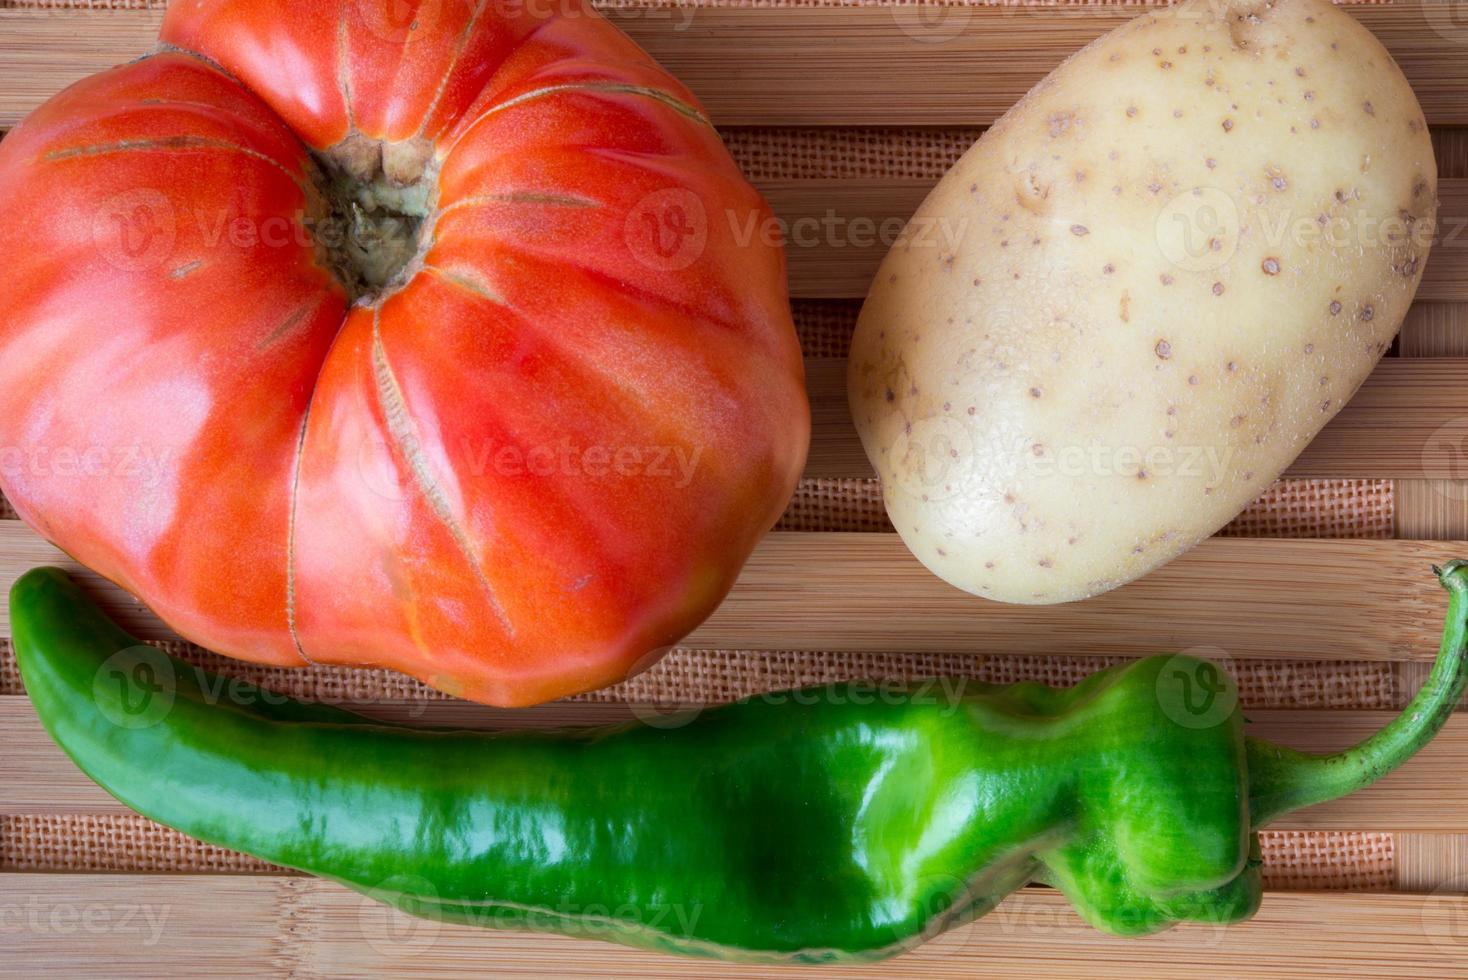 tomate, papa y pimiento. foto